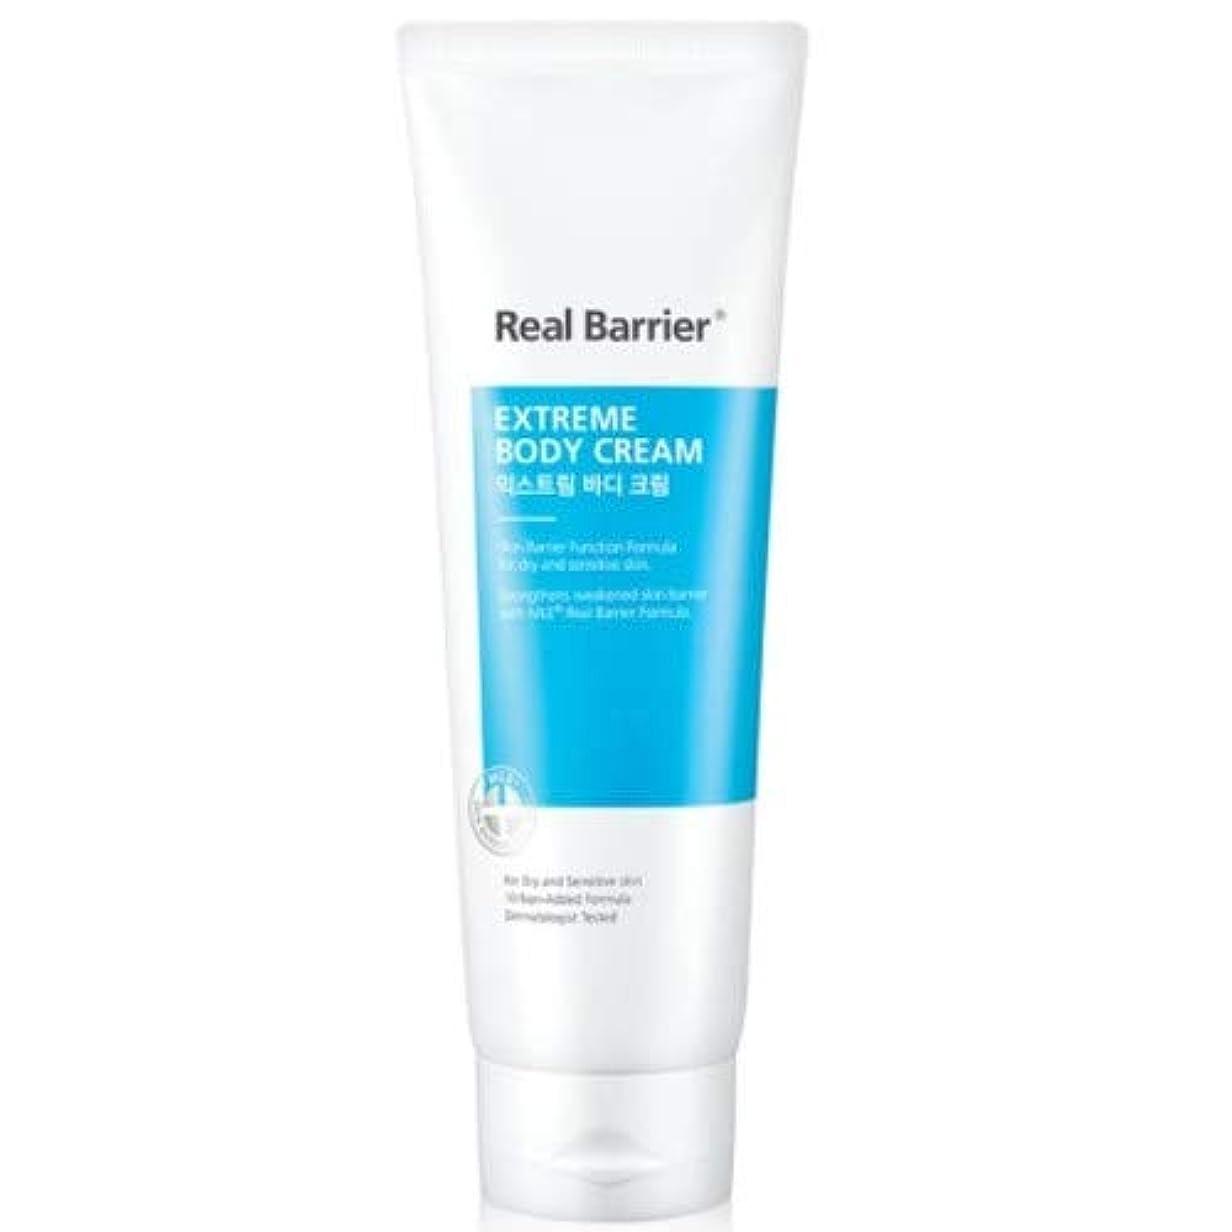 裁量木曜日メーターATOPALM Real Barrier?エクストリームボディークリーム250g / ATOPALM Real Barrier Extreme Body Cream [並行輸入品]